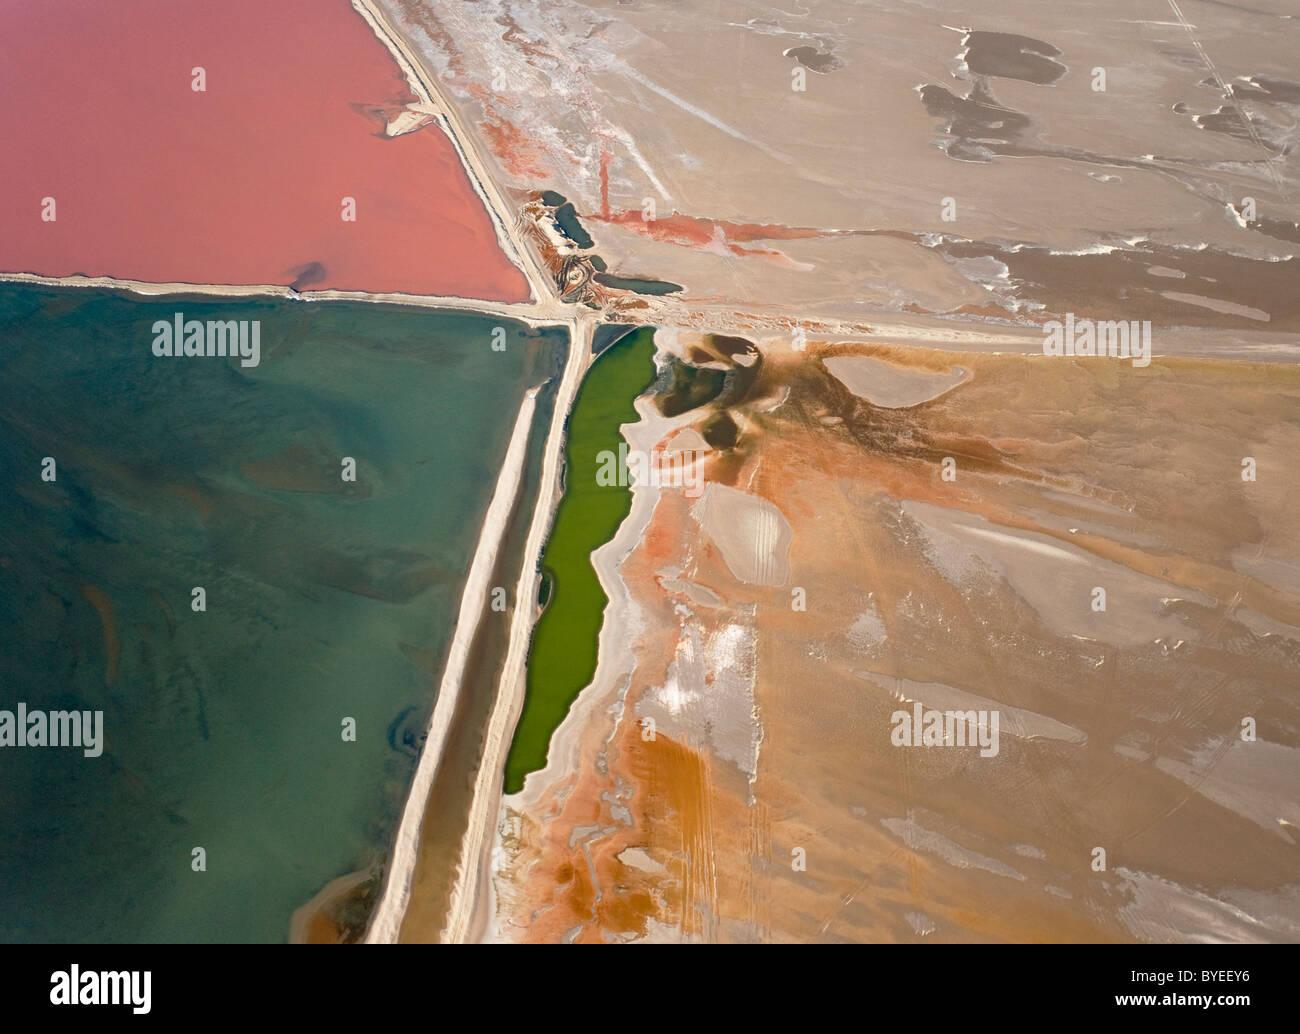 Vue aérienne de l'eau salée au sel fonctionne de Walvis Bay entre le désert du Namib et l'océan Atlantique. Banque D'Images